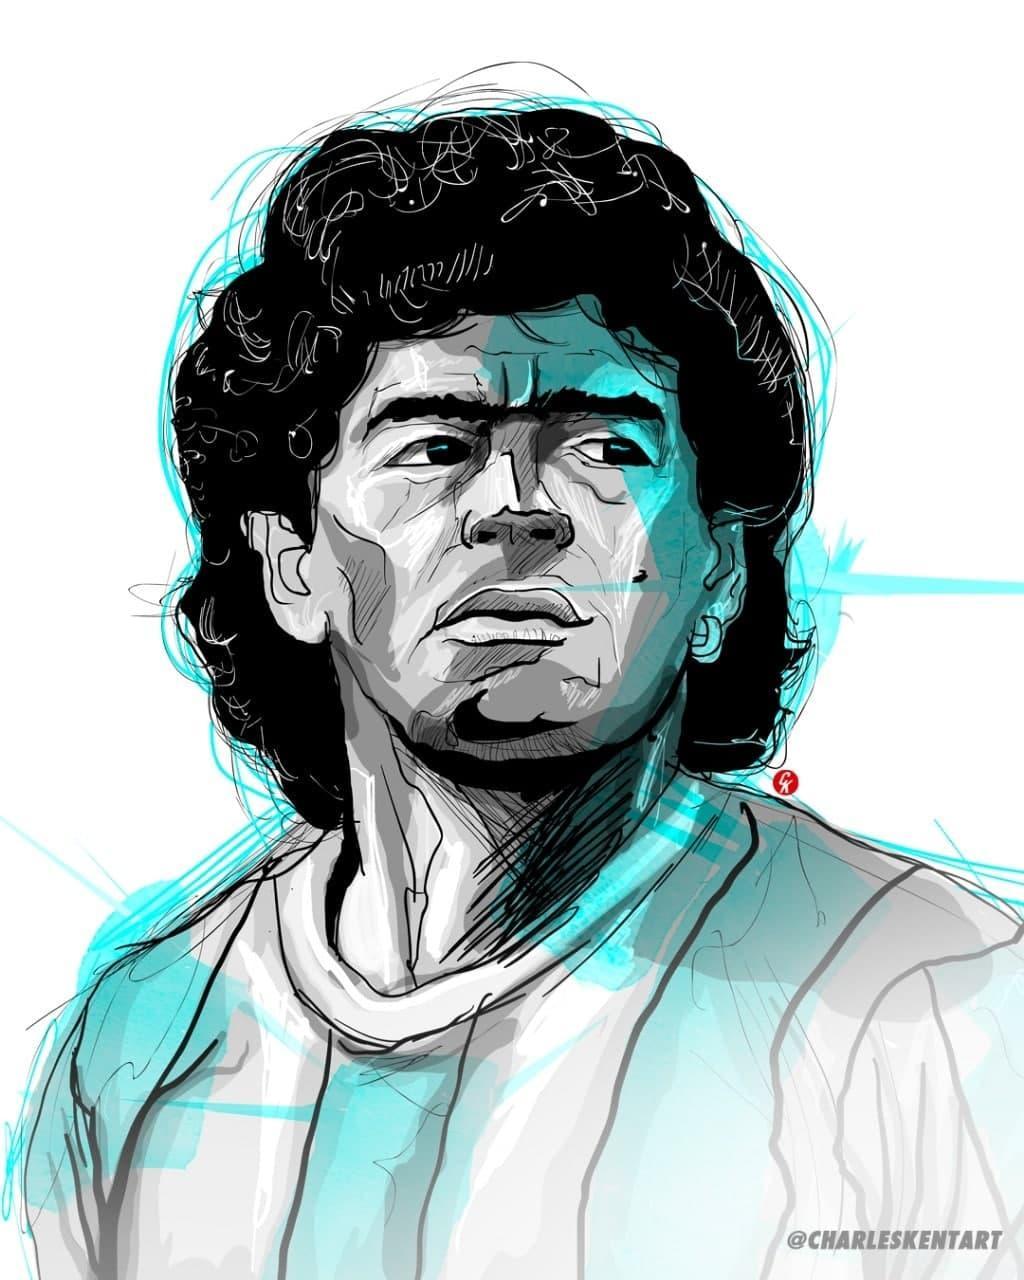 Declaran tres días de luto nacional en Argentina tras muerte de Maradona. Noticias en tiempo real